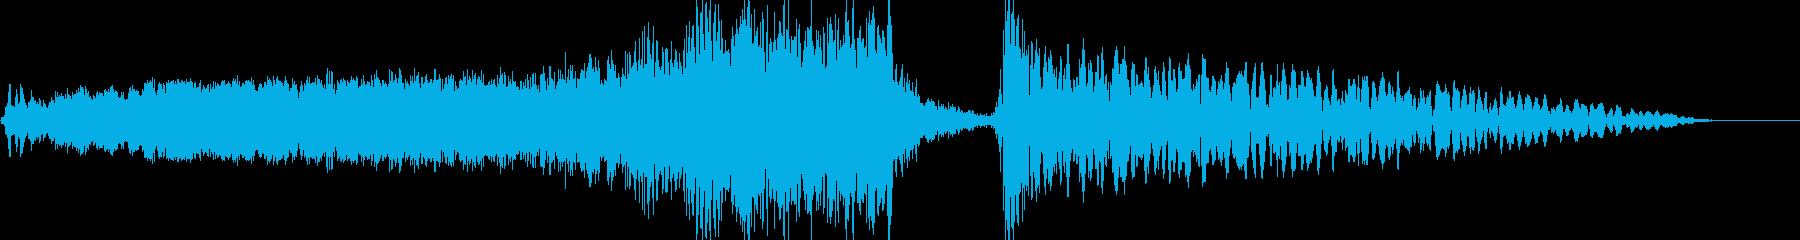 ホラースプラッター映画タイトルロゴの再生済みの波形